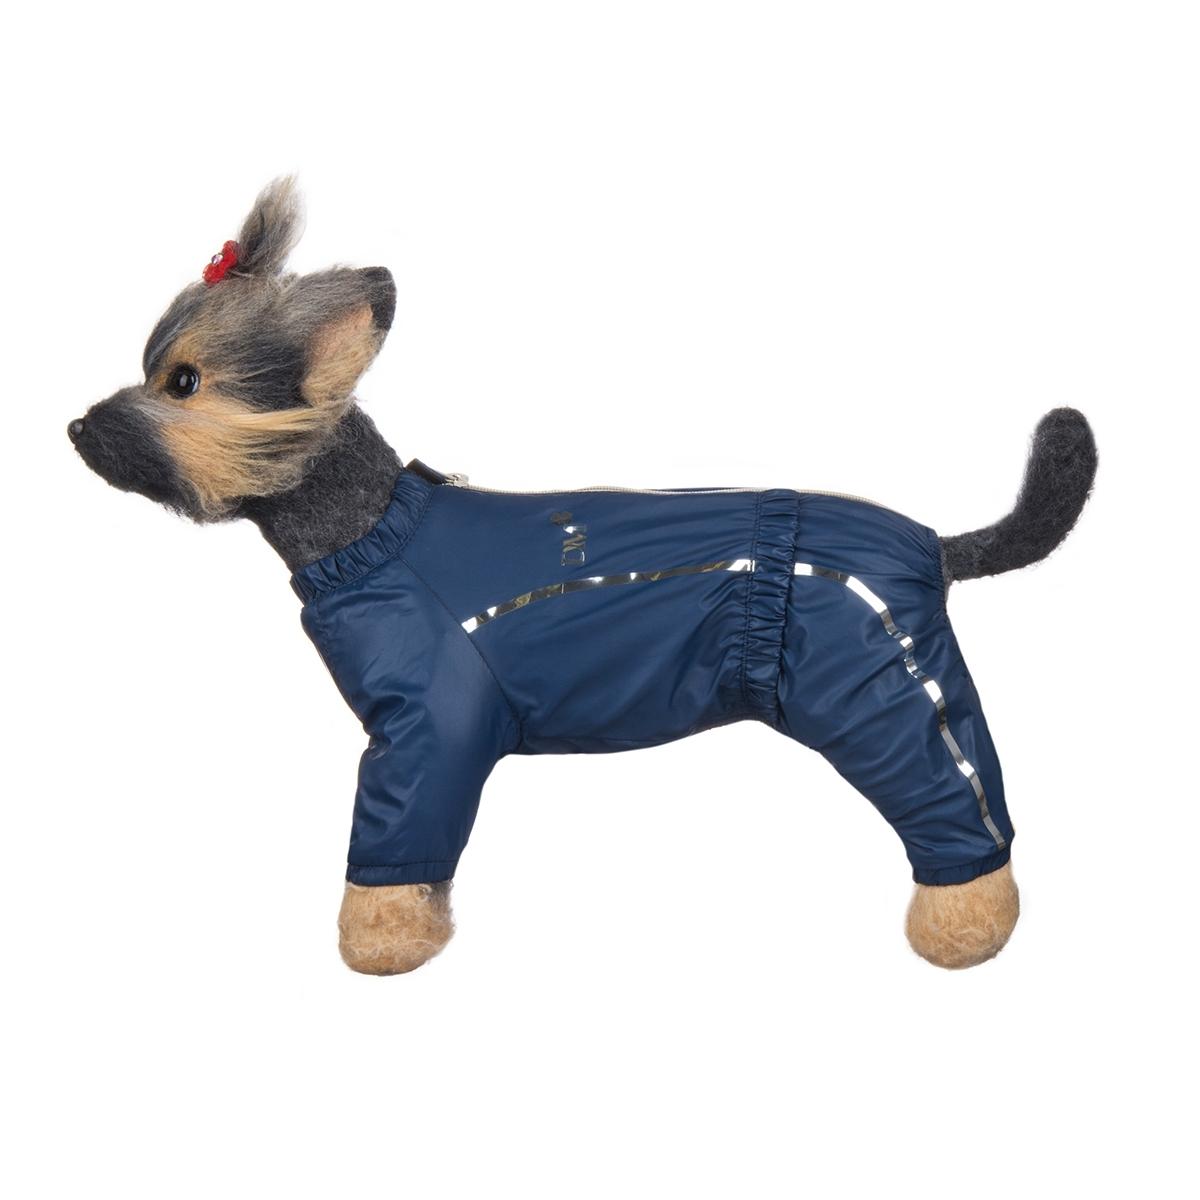 Комбинезон для собак Dogmoda Альпы, для мальчика, цвет: синий. Размер 4 (XL). DM-1601010120710Комбинезон для собак Dogmoda Альпы отлично подойдет для прогулок поздней осенью или ранней весной.Комбинезон изготовлен из полиэстера, защищающего от ветра и осадков, с подкладкой из флиса, которая сохранит тепло и обеспечит отличный воздухообмен.Комбинезон застегивается на молнию и липучку, благодаря чему его легко надевать и снимать. Ворот, низ рукавов и брючин оснащены внутренними резинками, которые мягко обхватывают шею и лапки, не позволяя просачиваться холодному воздуху. На пояснице имеется внутренняя резинка. Изделие декорировано золотистыми полосками и надписью DM.Благодаря такому комбинезону простуда не грозит вашему питомцу и он не даст любимцу продрогнуть на прогулке.Длина по спинке: 32 см.Объем груди: 52 см.Обхват шеи: 33 см.